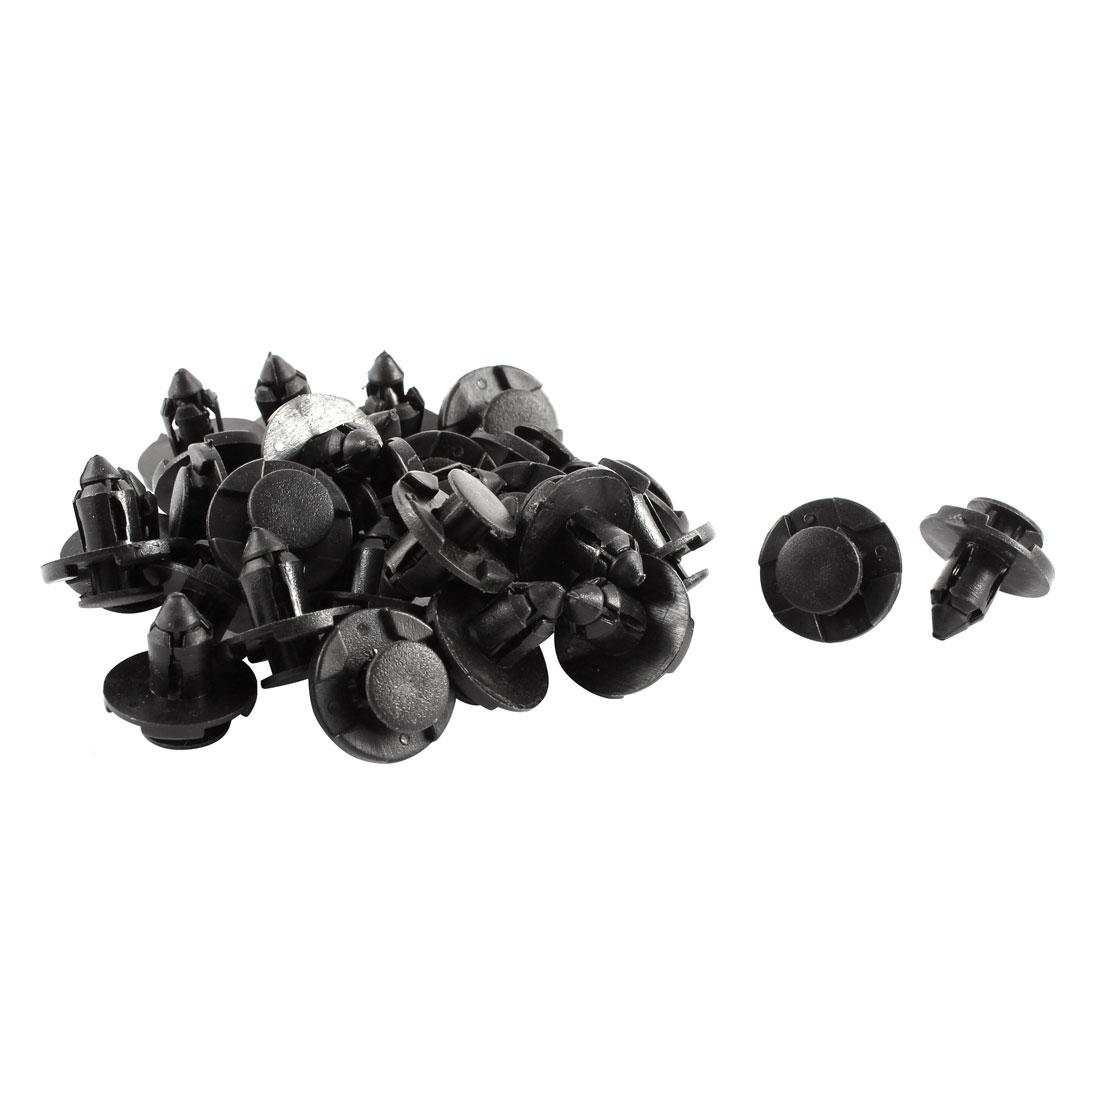 Car Door Fender Black Plastic Rivets Retainer Clips 30 Pcs